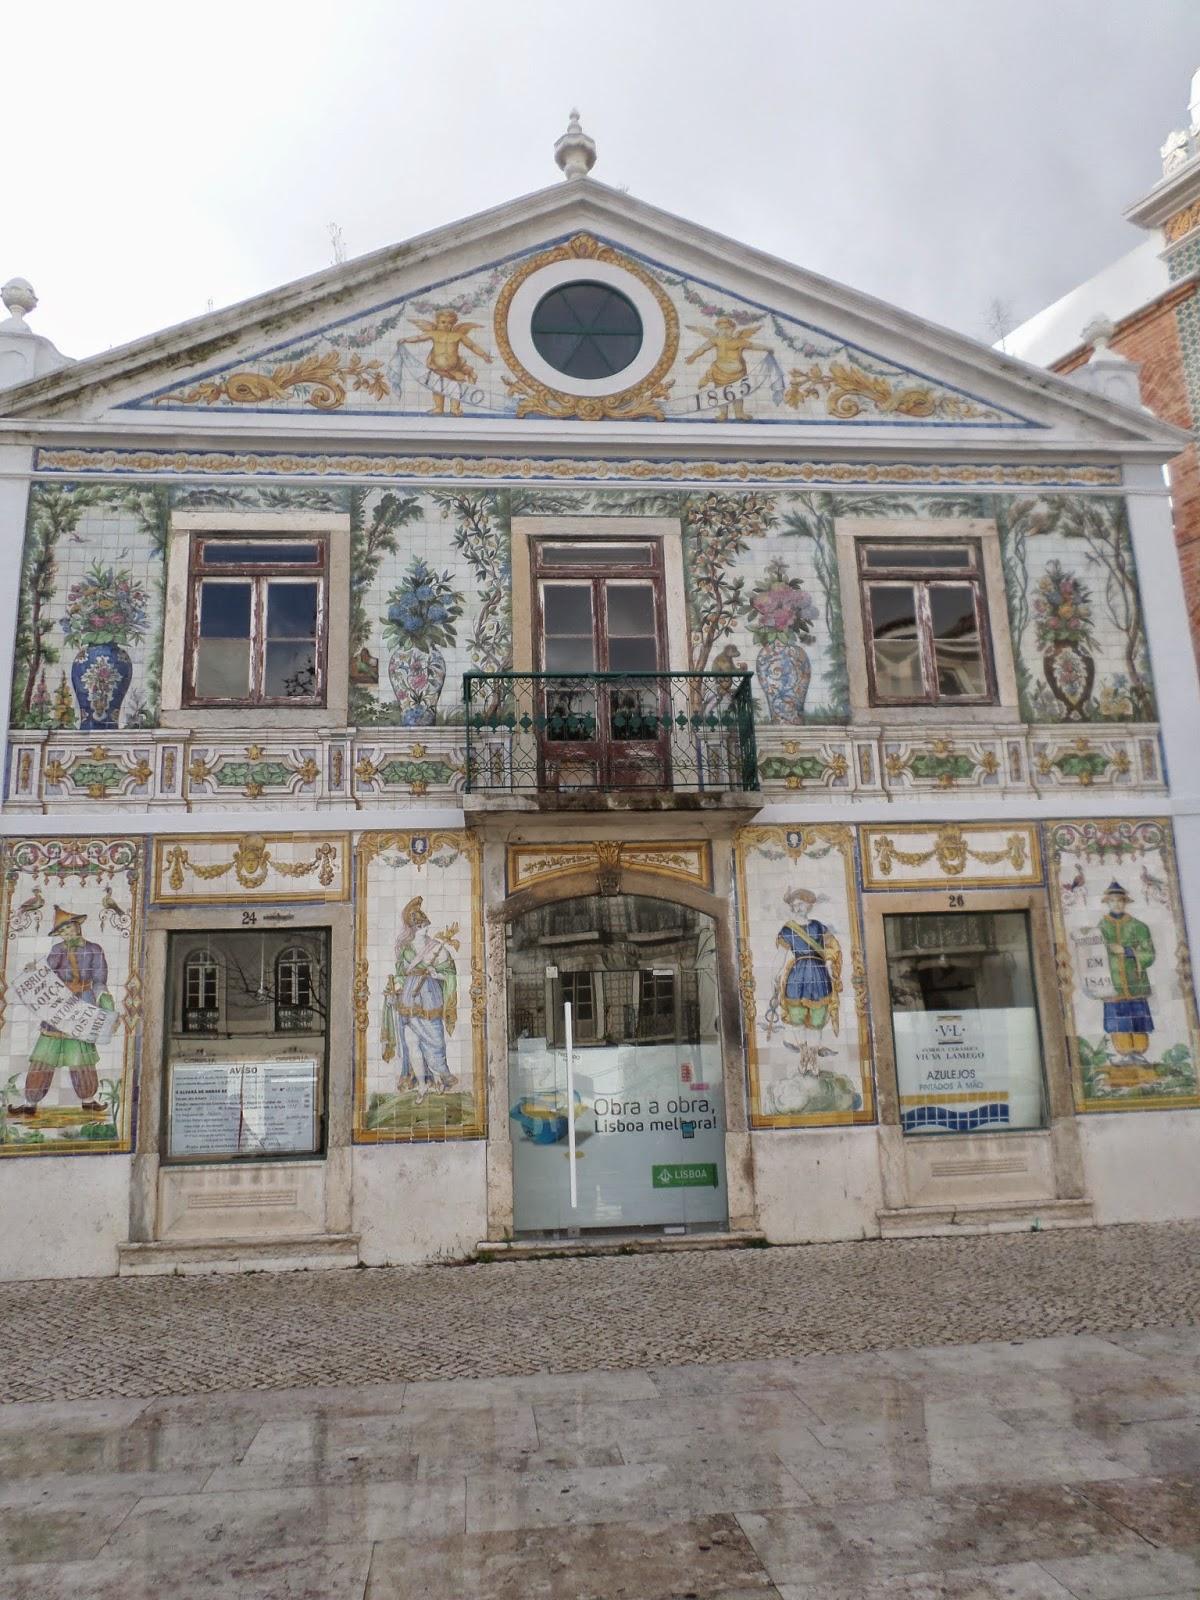 Coysas loysas tralhas velhas a vida portuguesa a for Casa dos azulejos lisboa